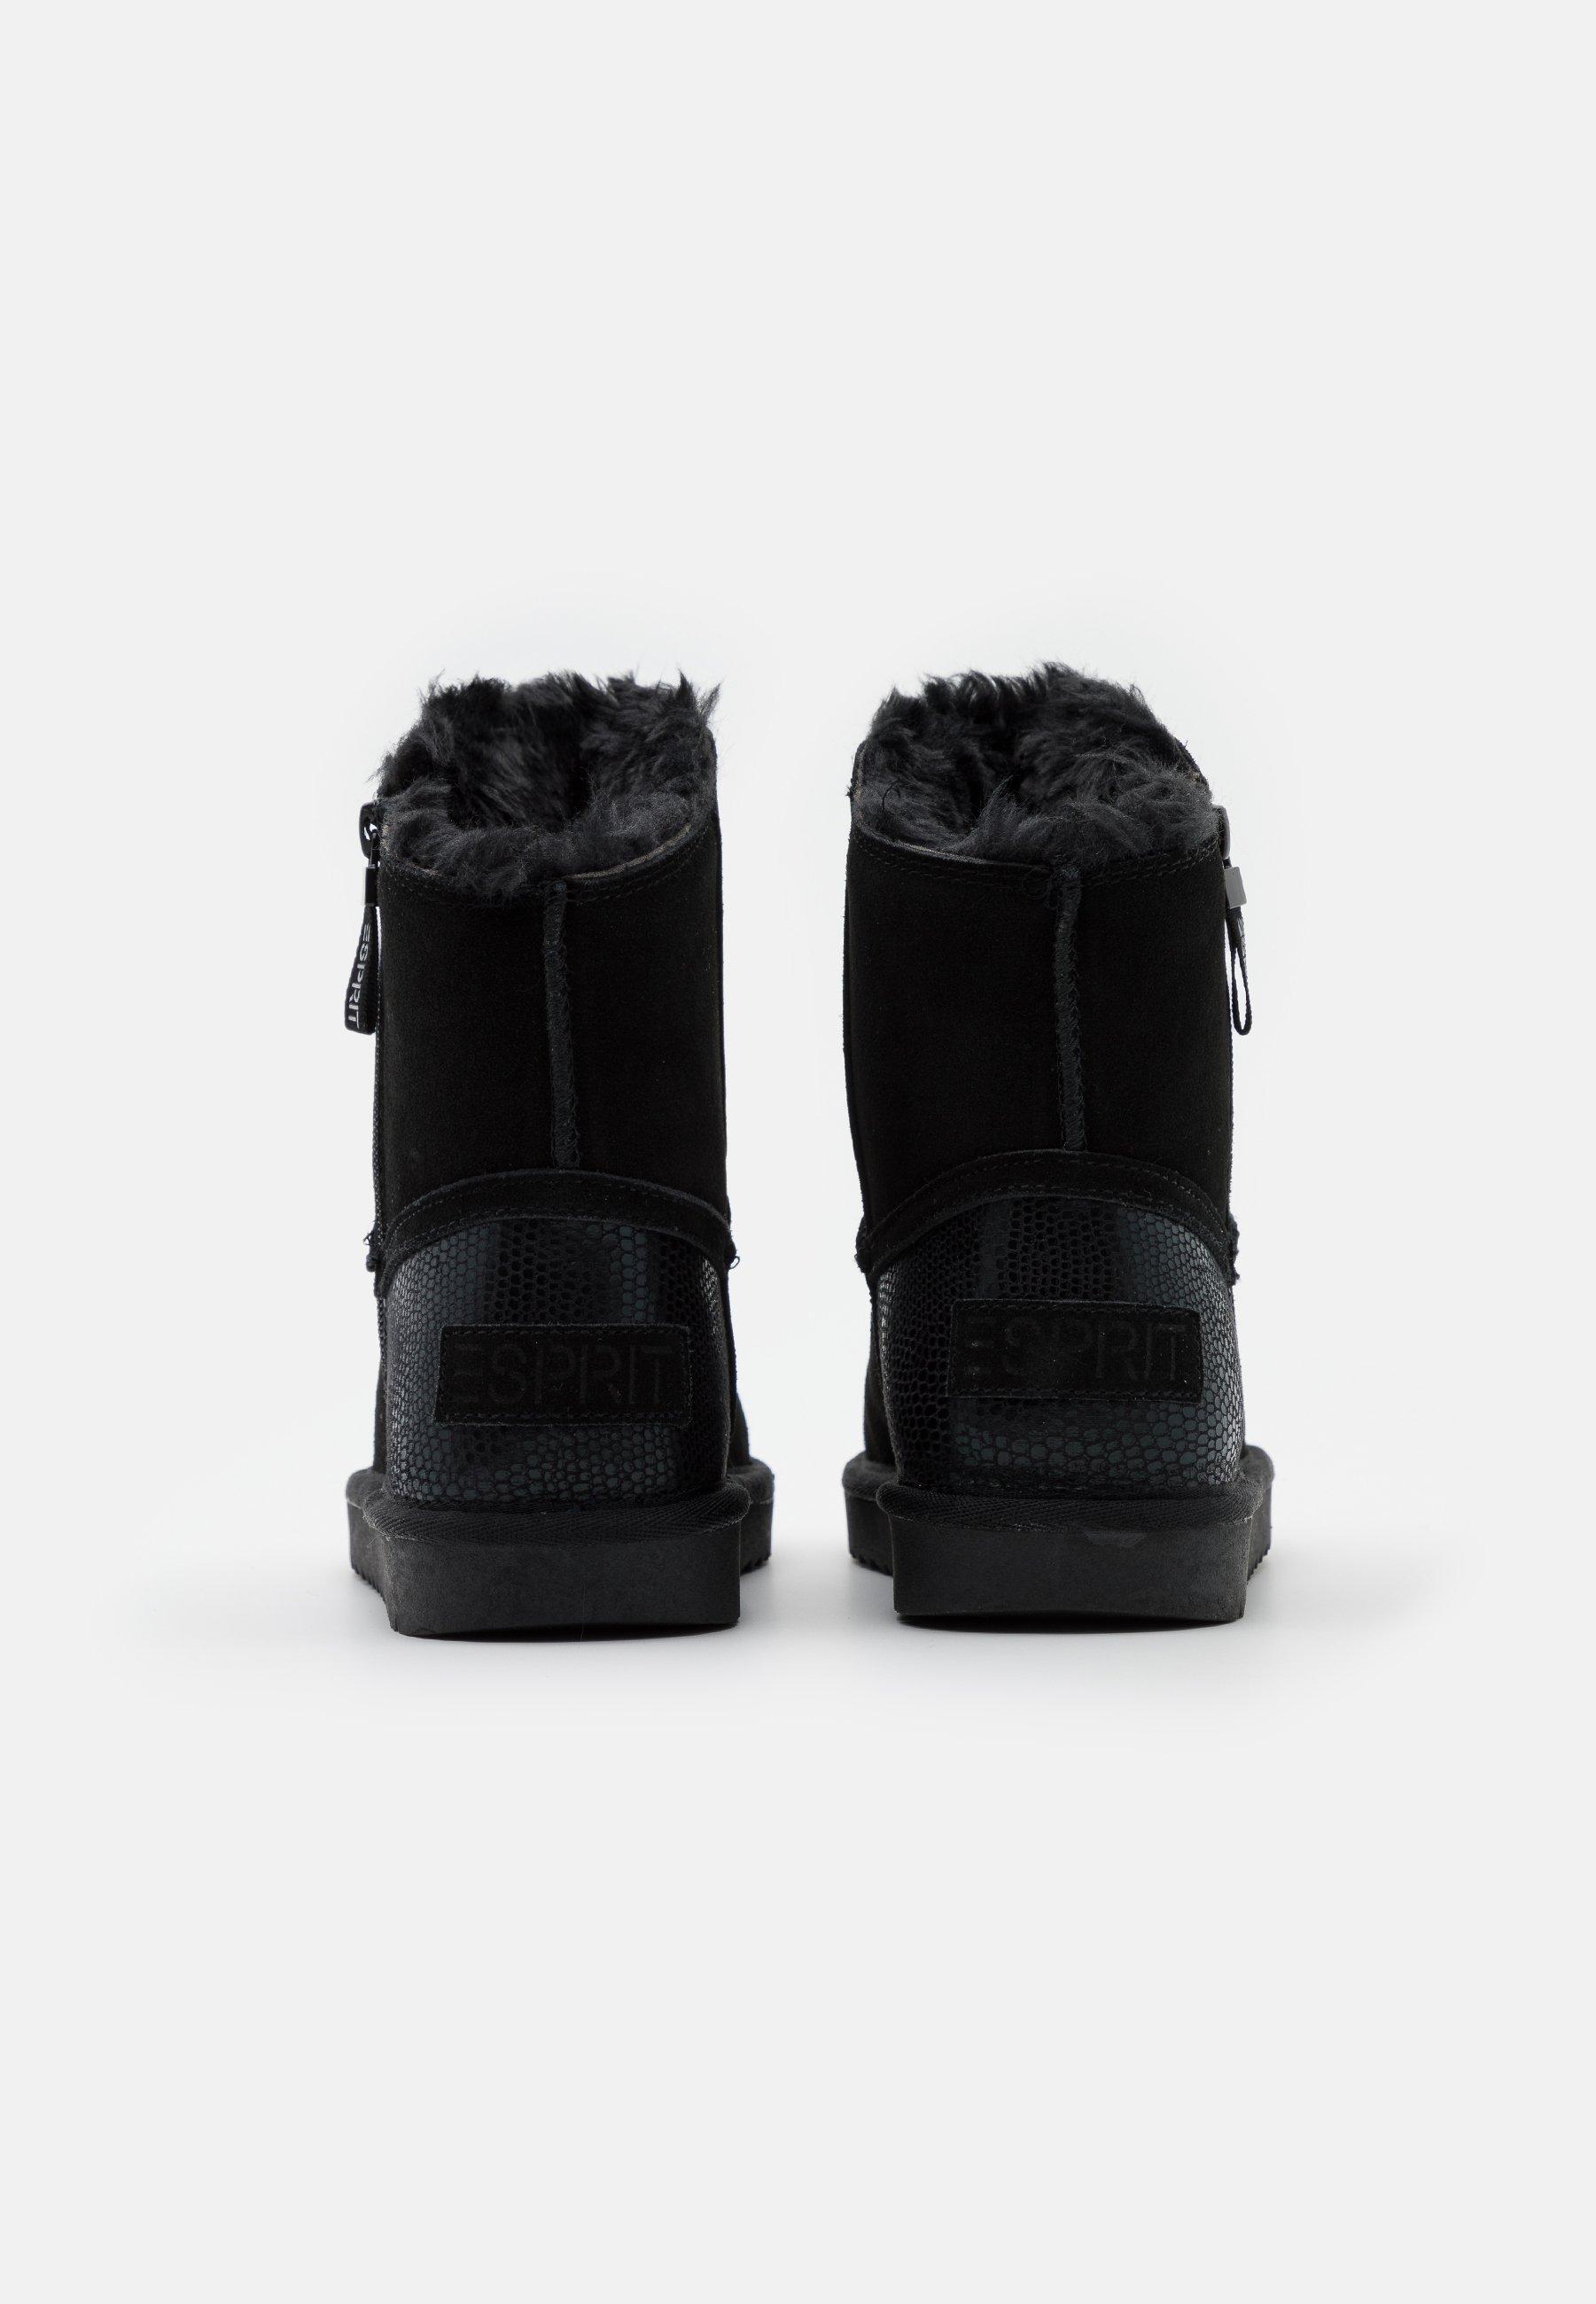 Esprit Luna Croco - Stiefelette Black/schwarz